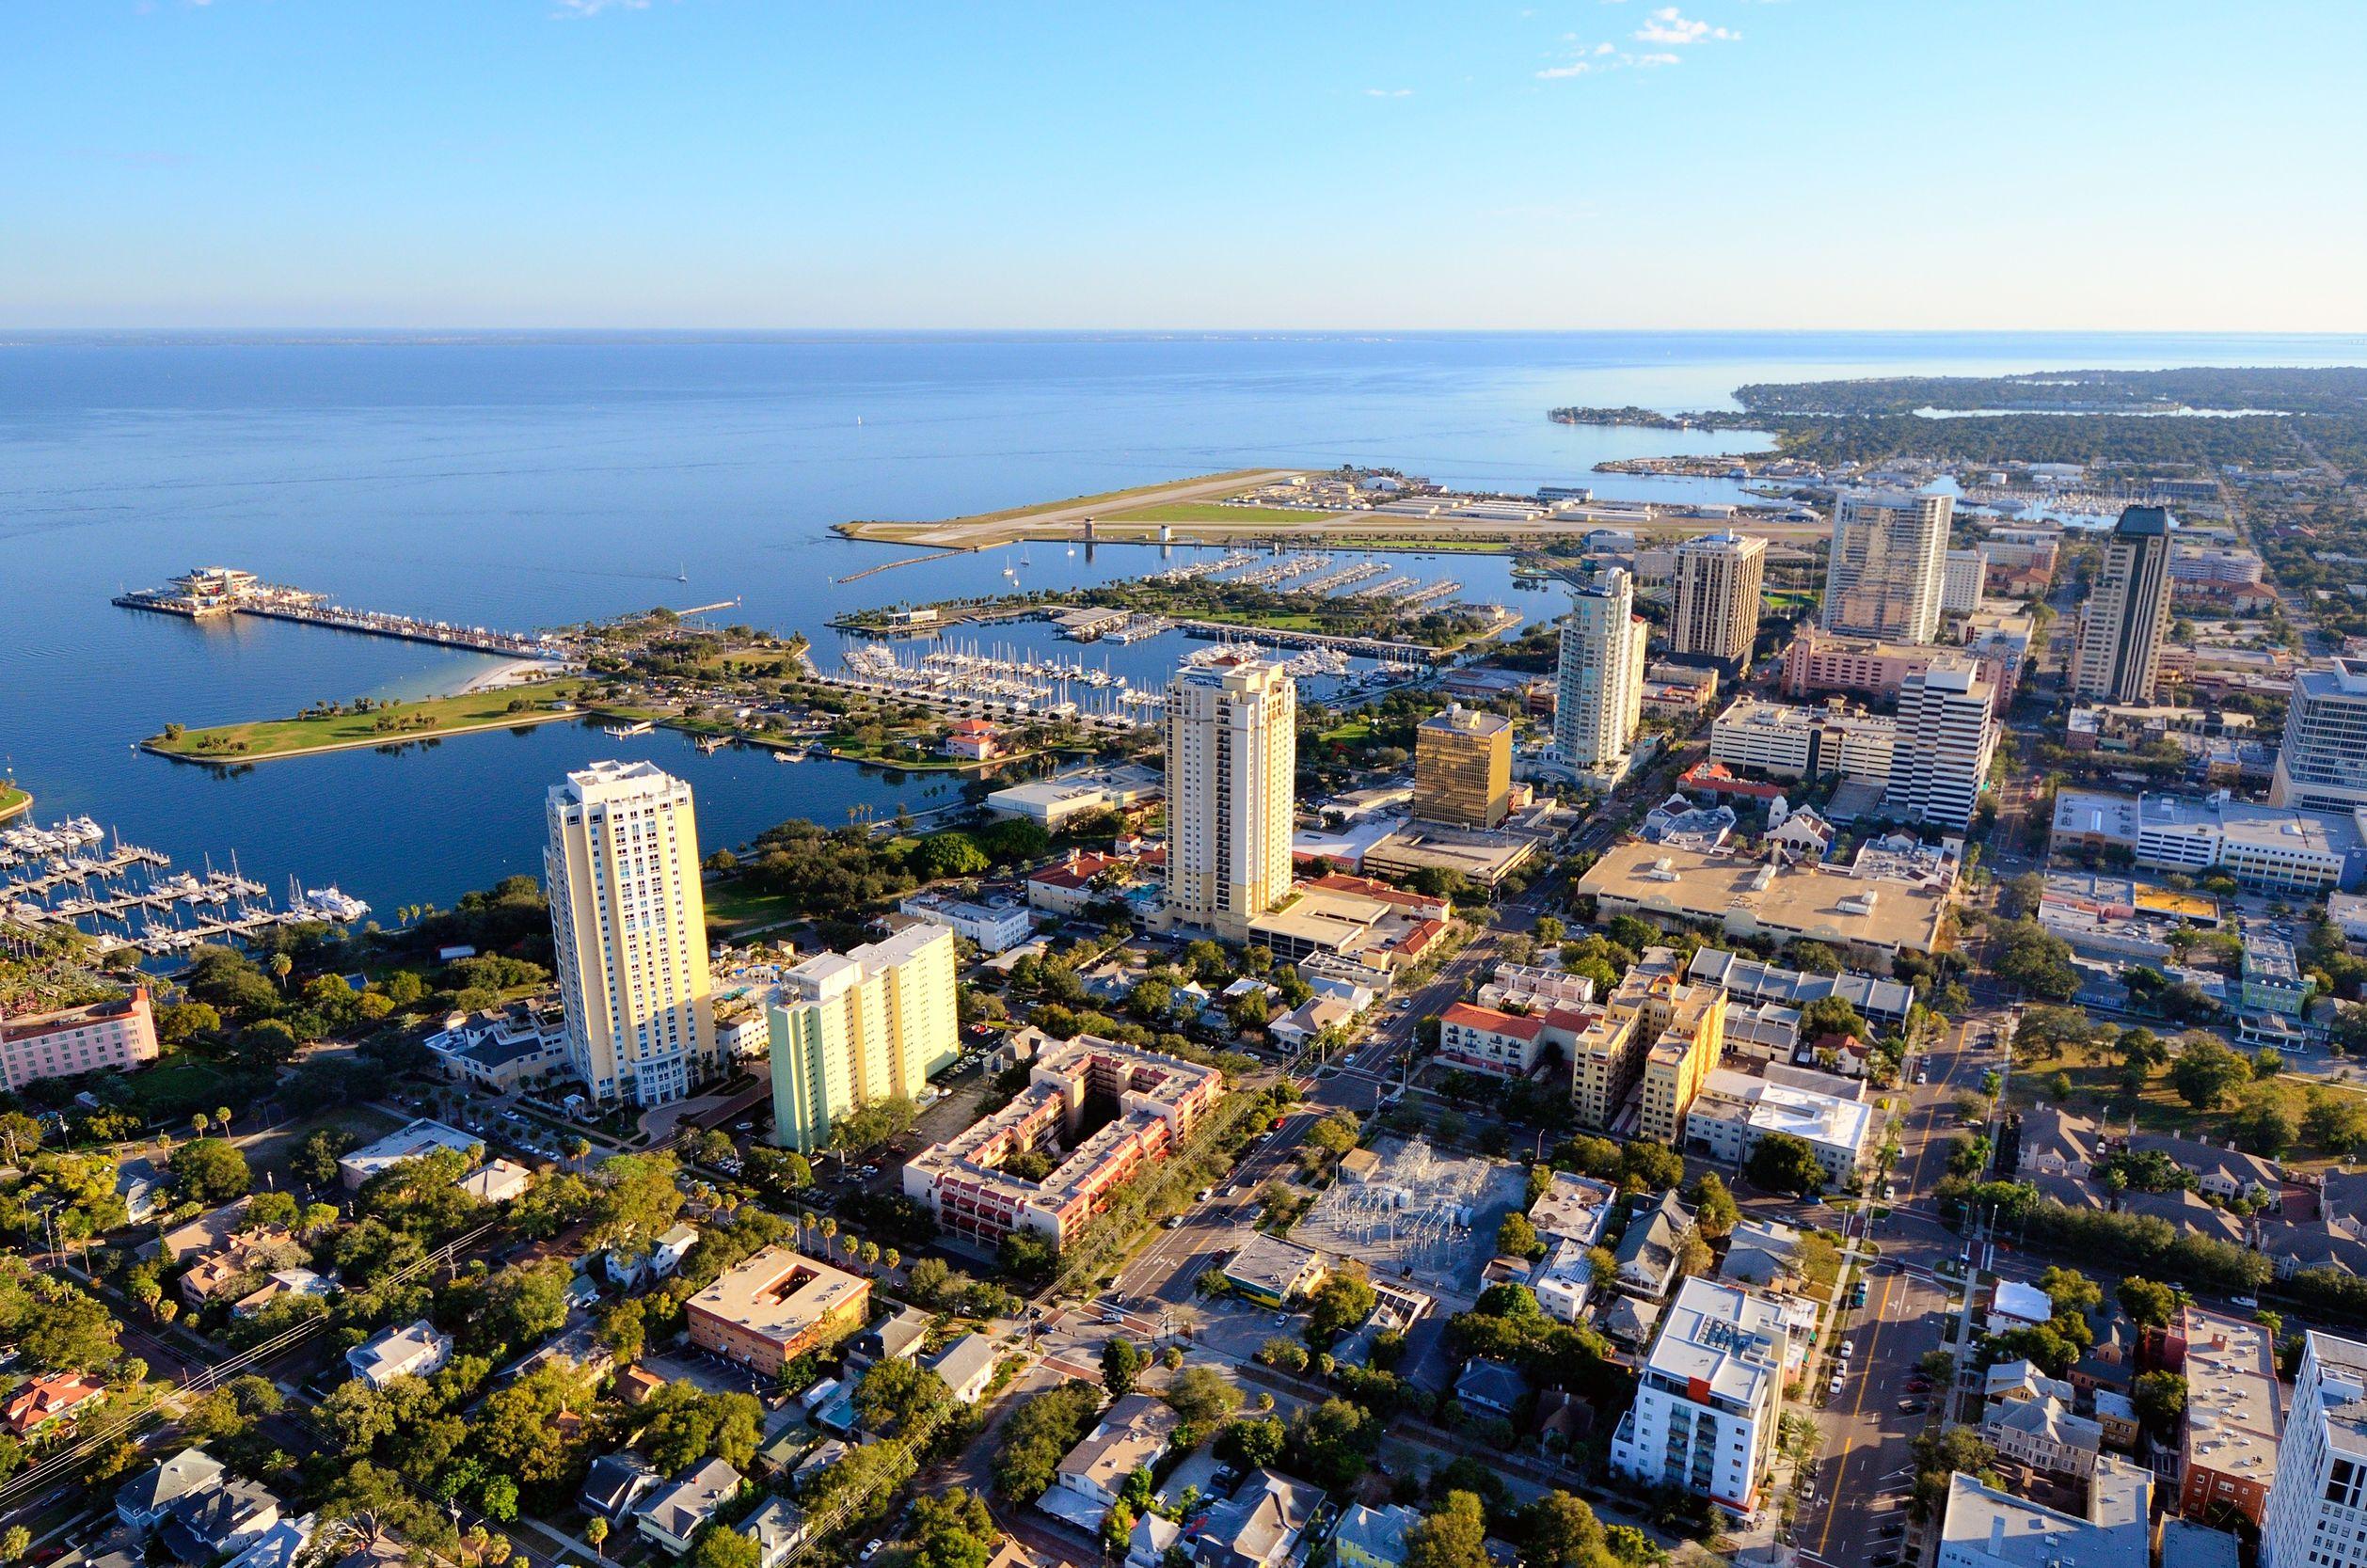 Tampa Bay Cruise Ship Injury Attorney